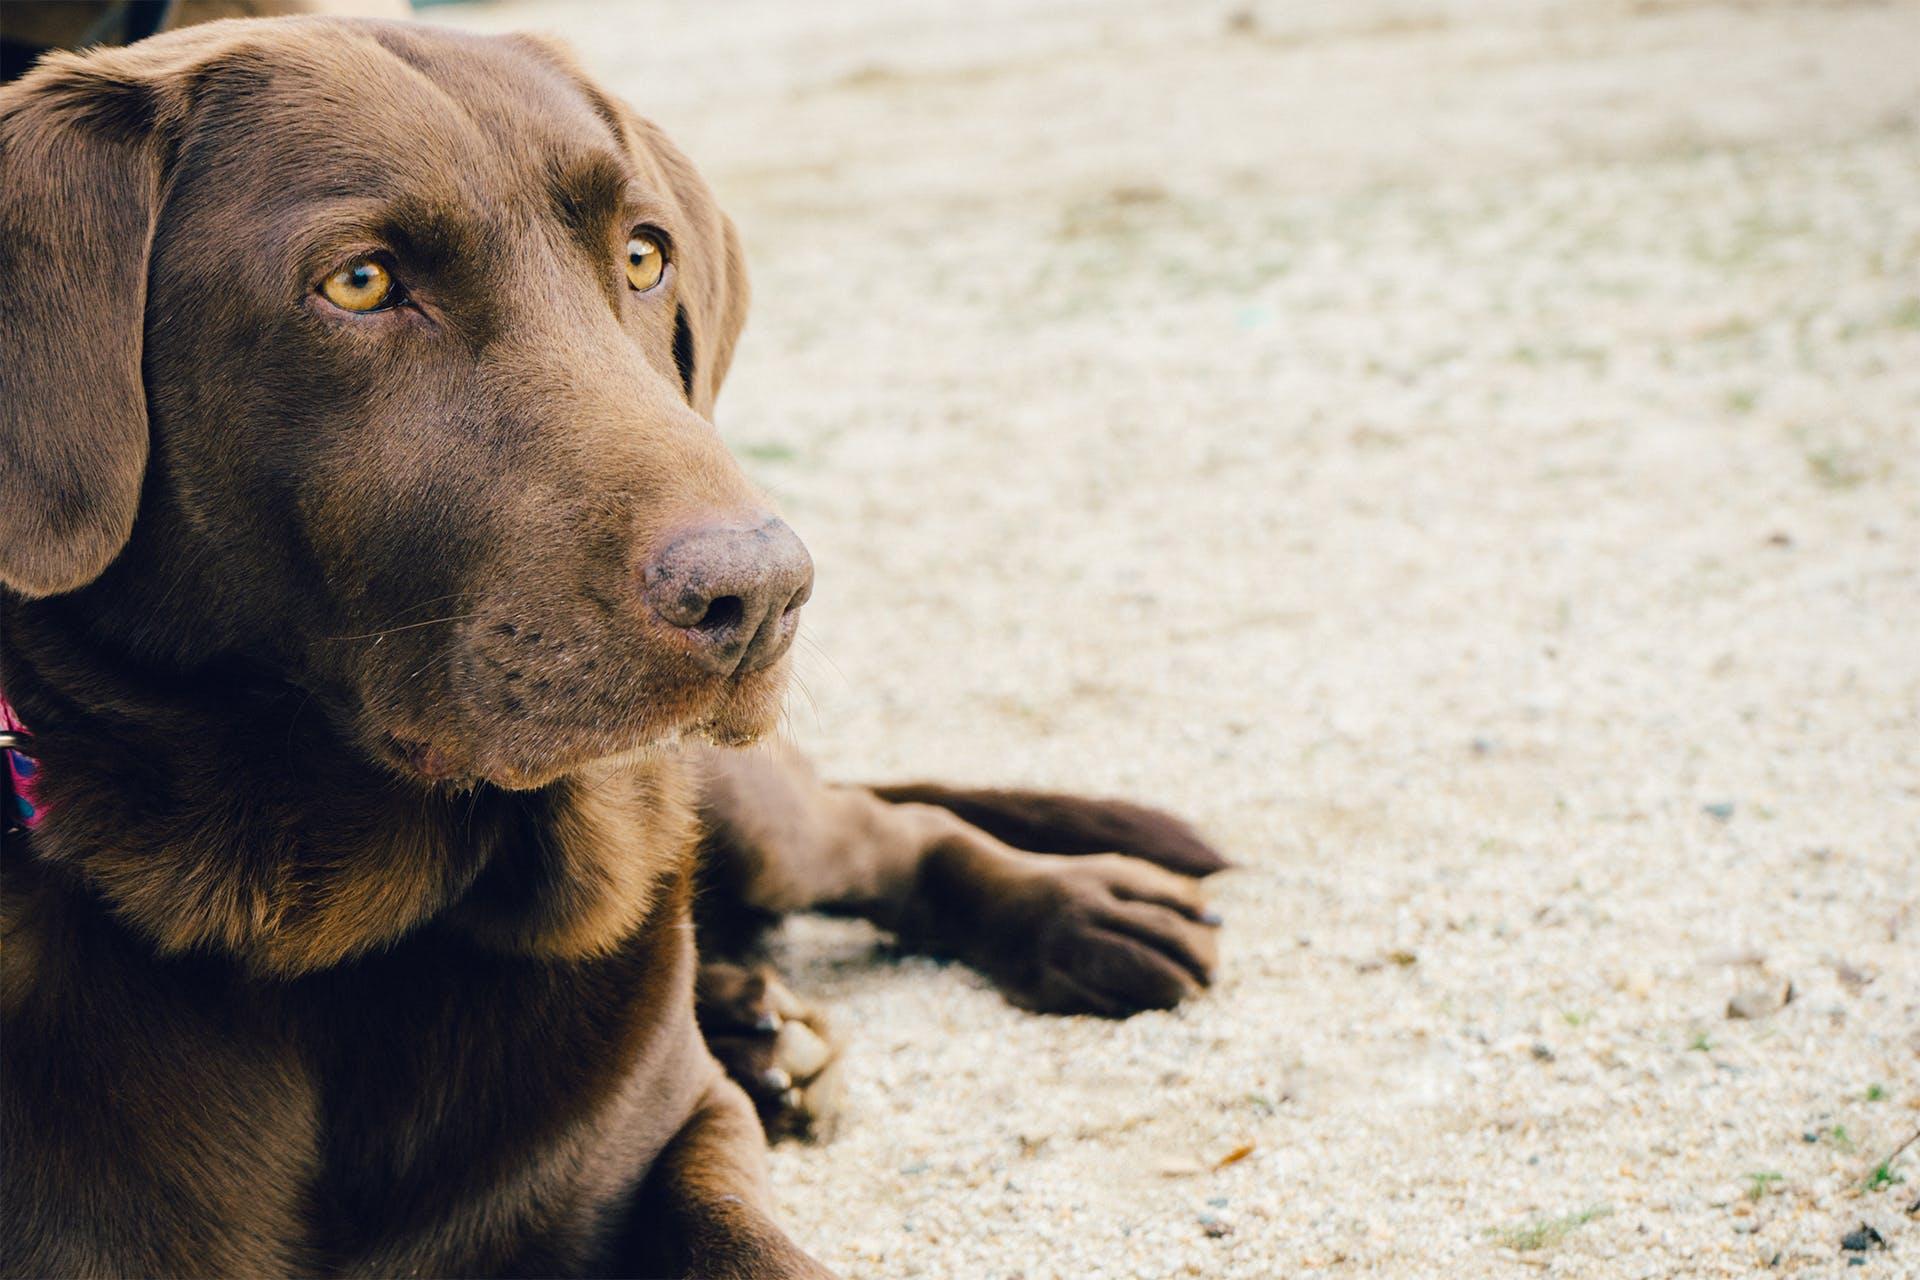 Focus Photography of Adult Chocolate Labrador Retriever